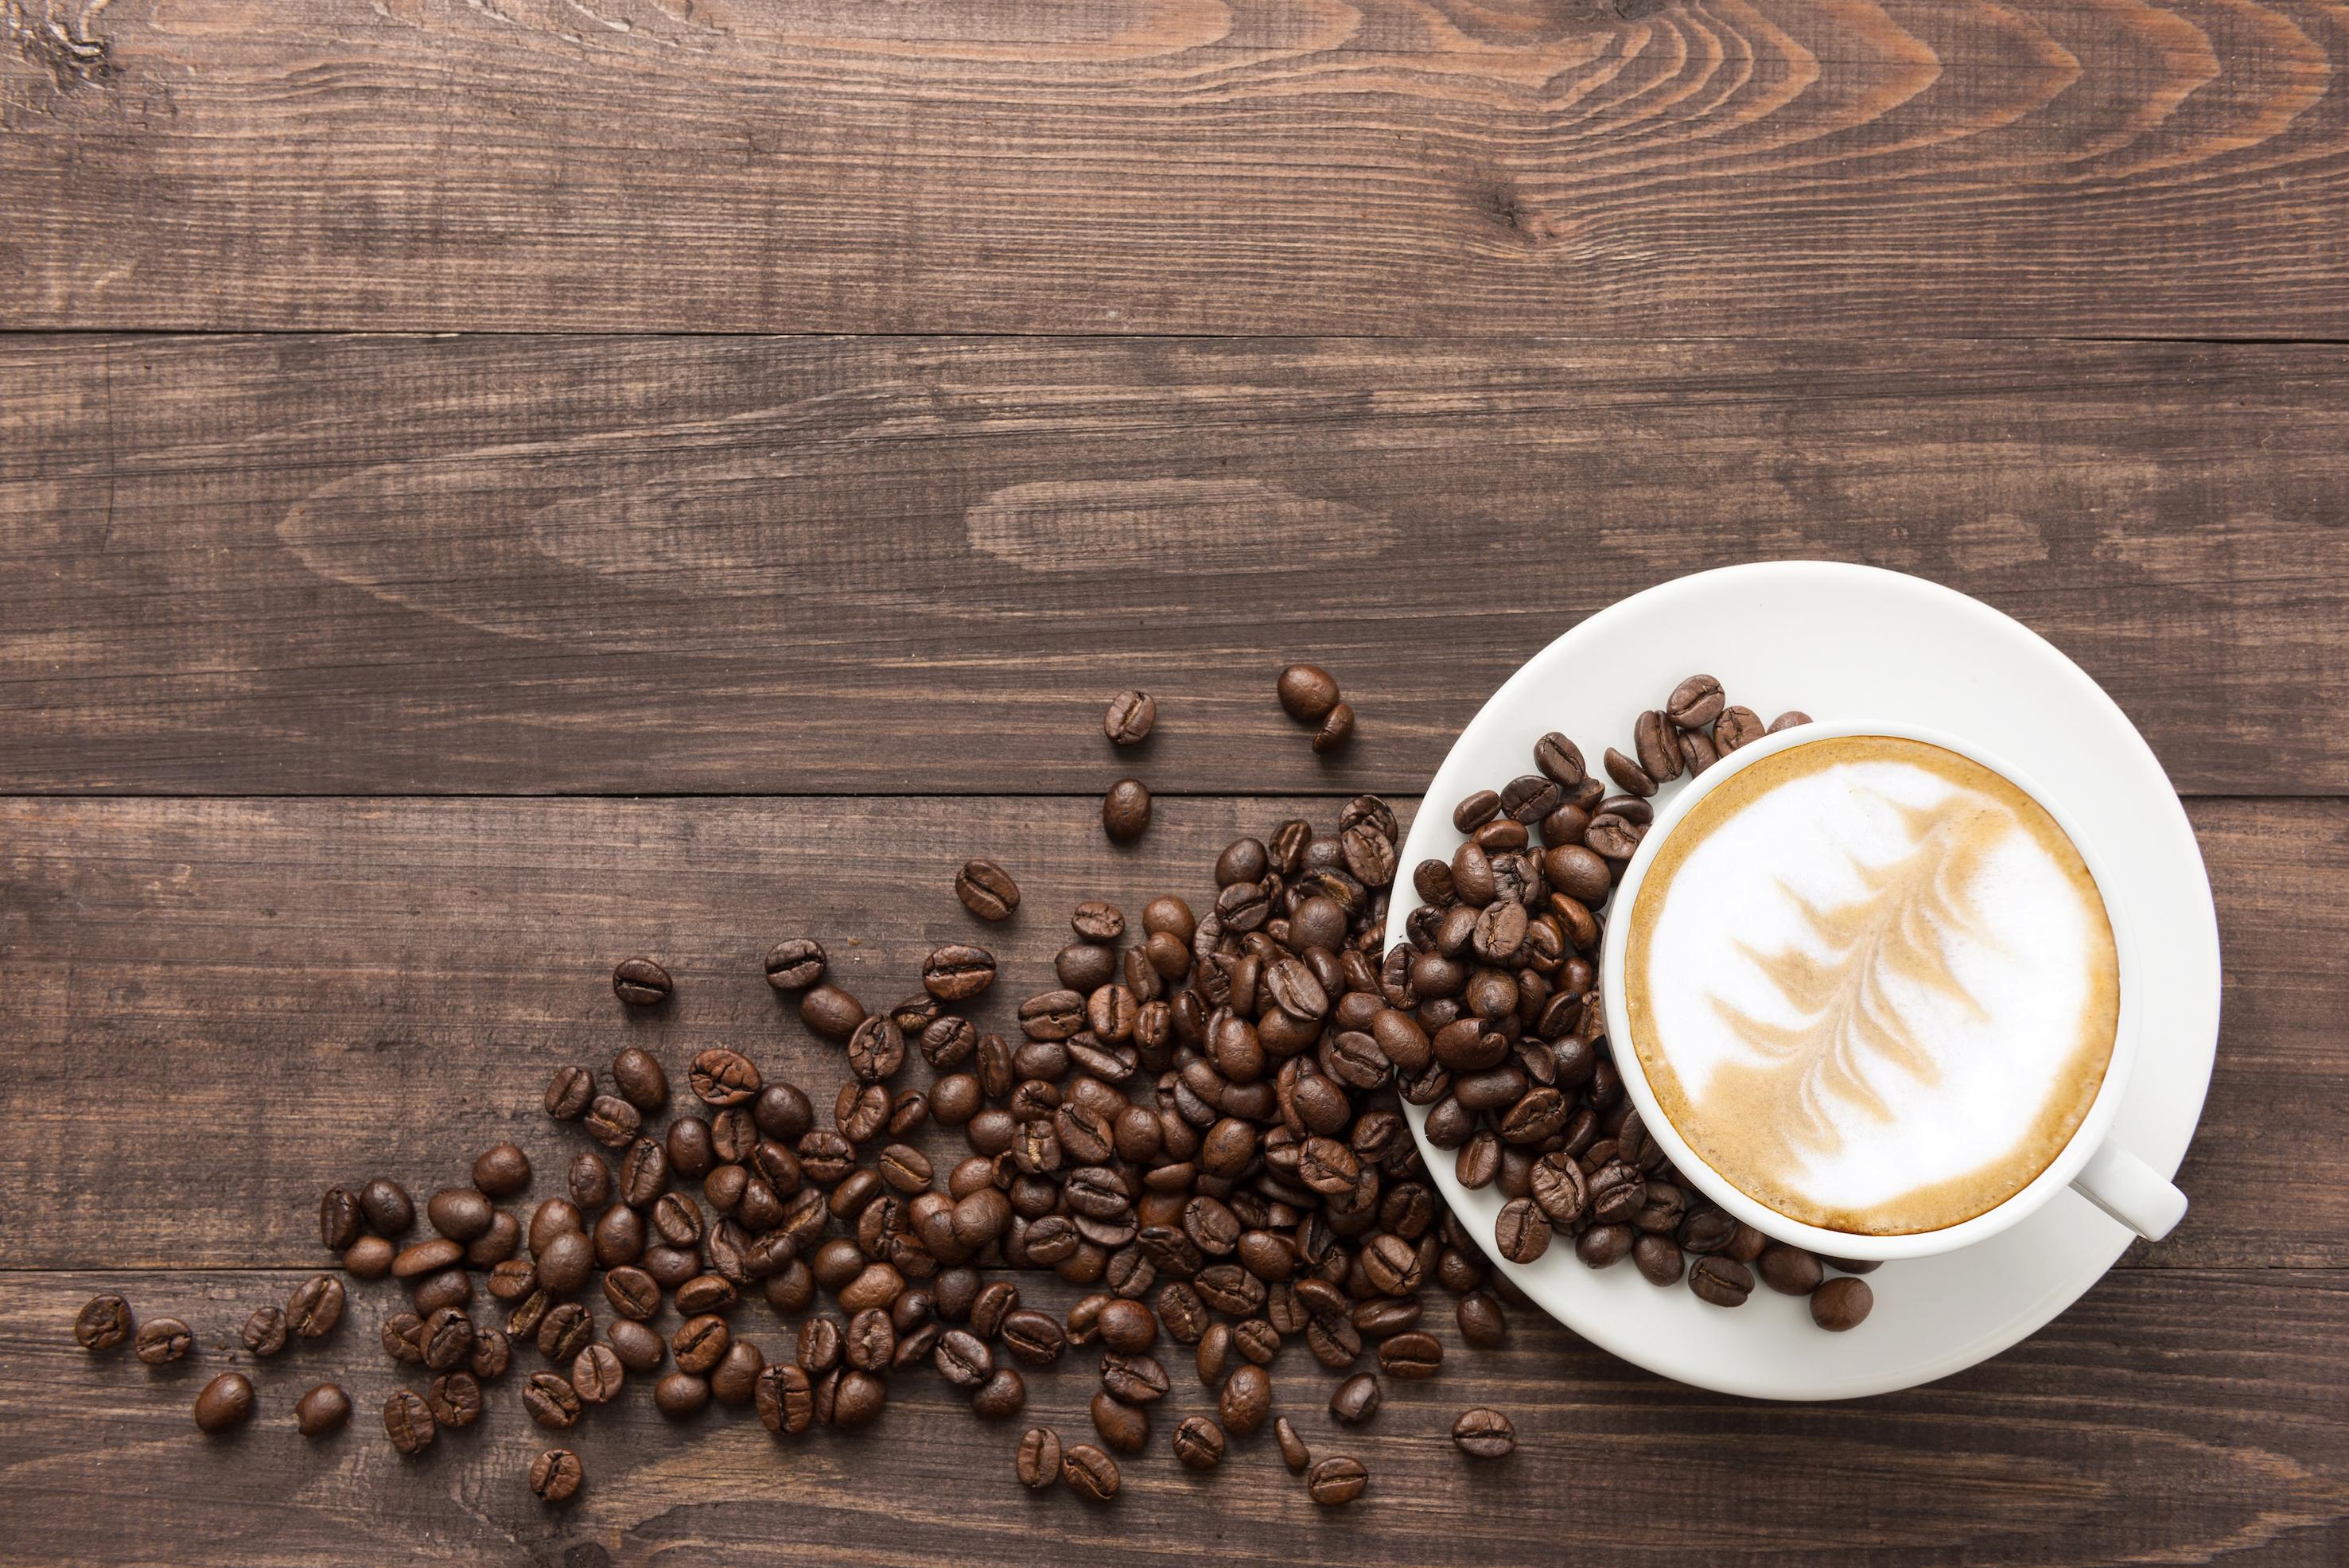 Als je zwarte koffie drinkt heb je meer kans op sadistische trekjes